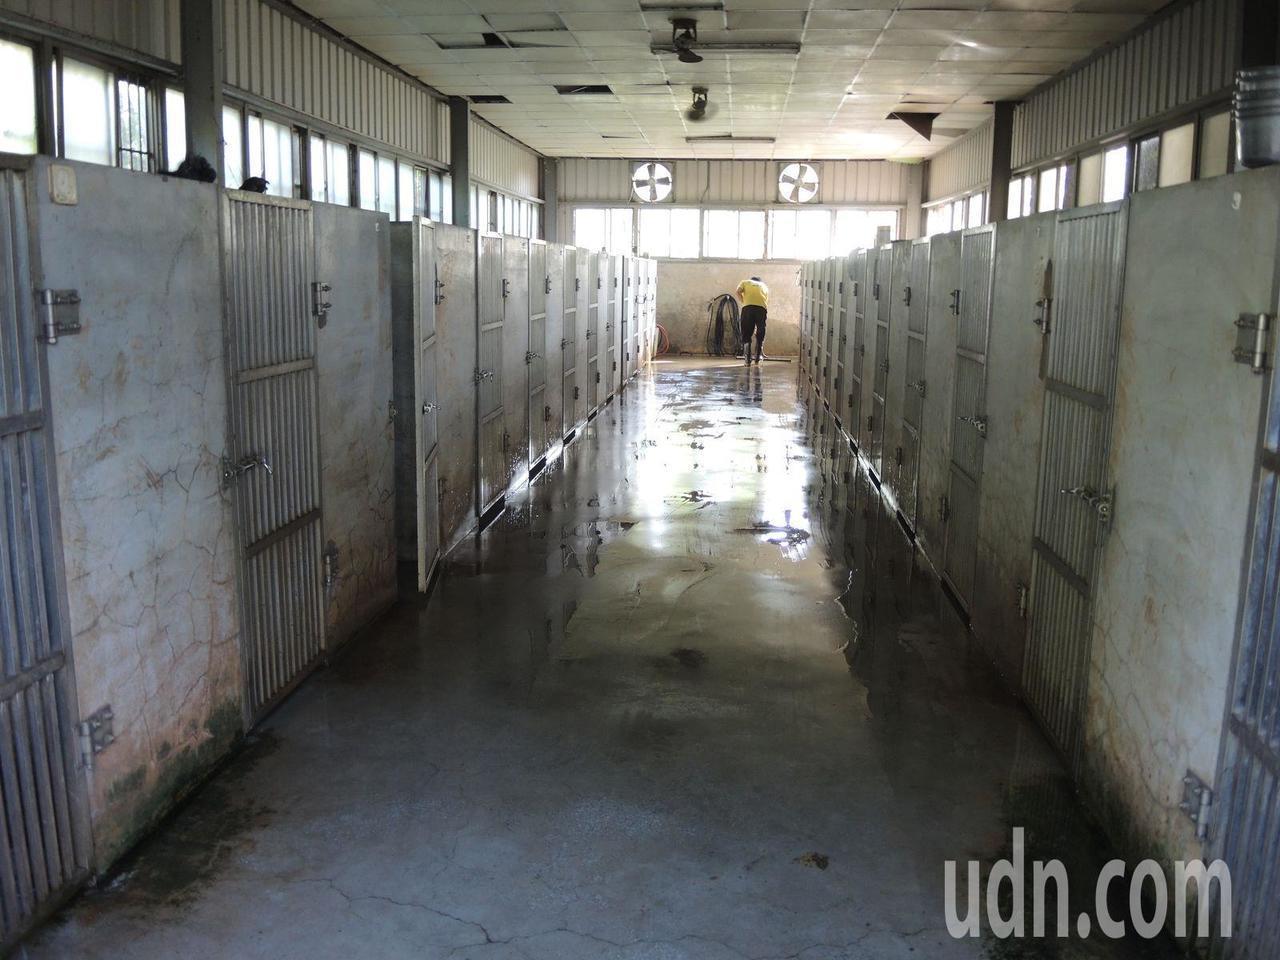 位於桃園楊梅的龍杰訓犬中心是知名的警犬訓練學校,今天有離職員工在網路爆料訓犬師有...